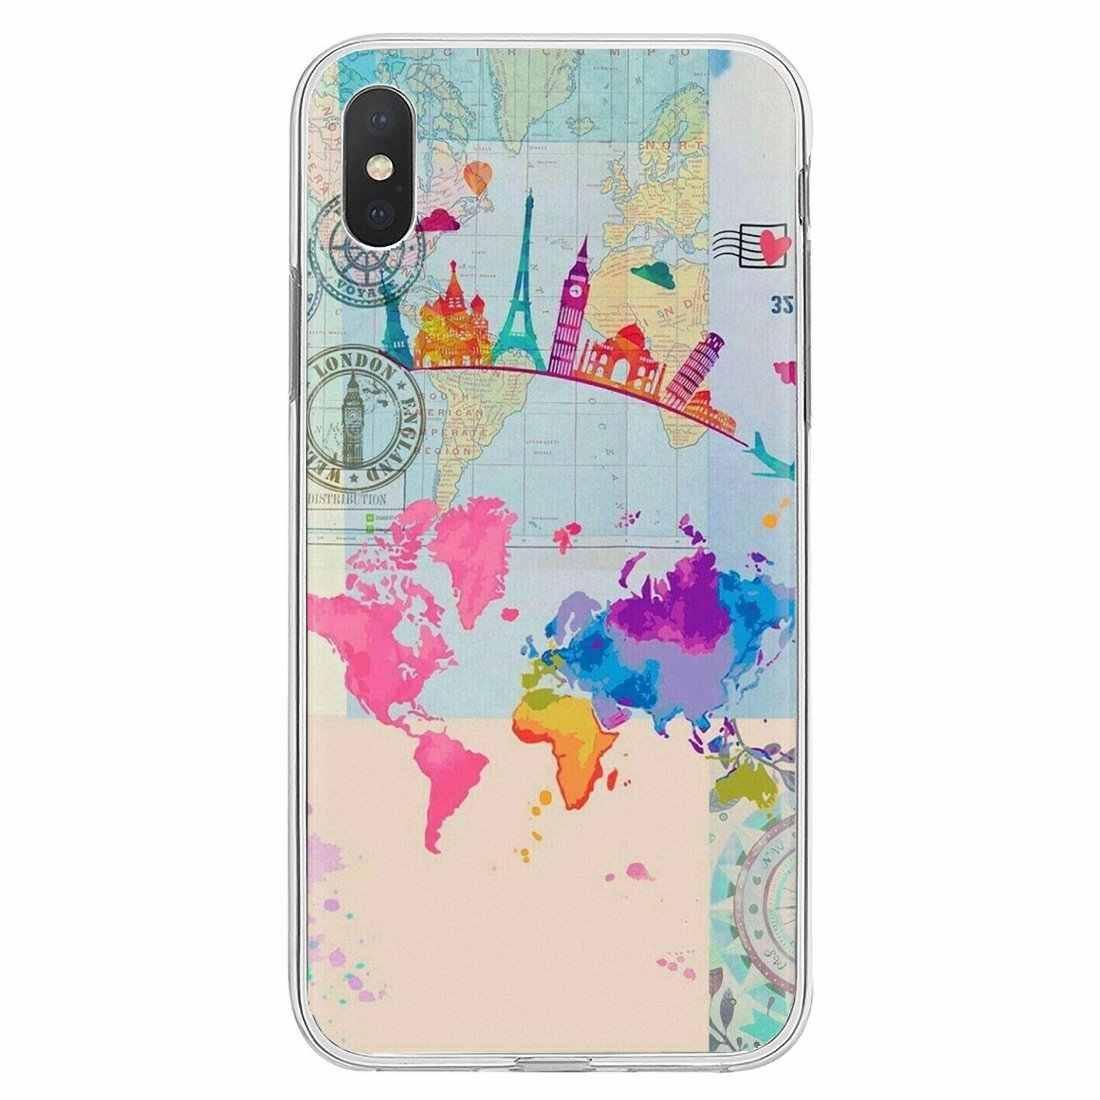 Rosa mapa do mundo caso de telefone silicone inspirador para bq aquaris c u2 u v x2 x lite pro plus e4.5 m4.5 x5 e5 4g m 2017